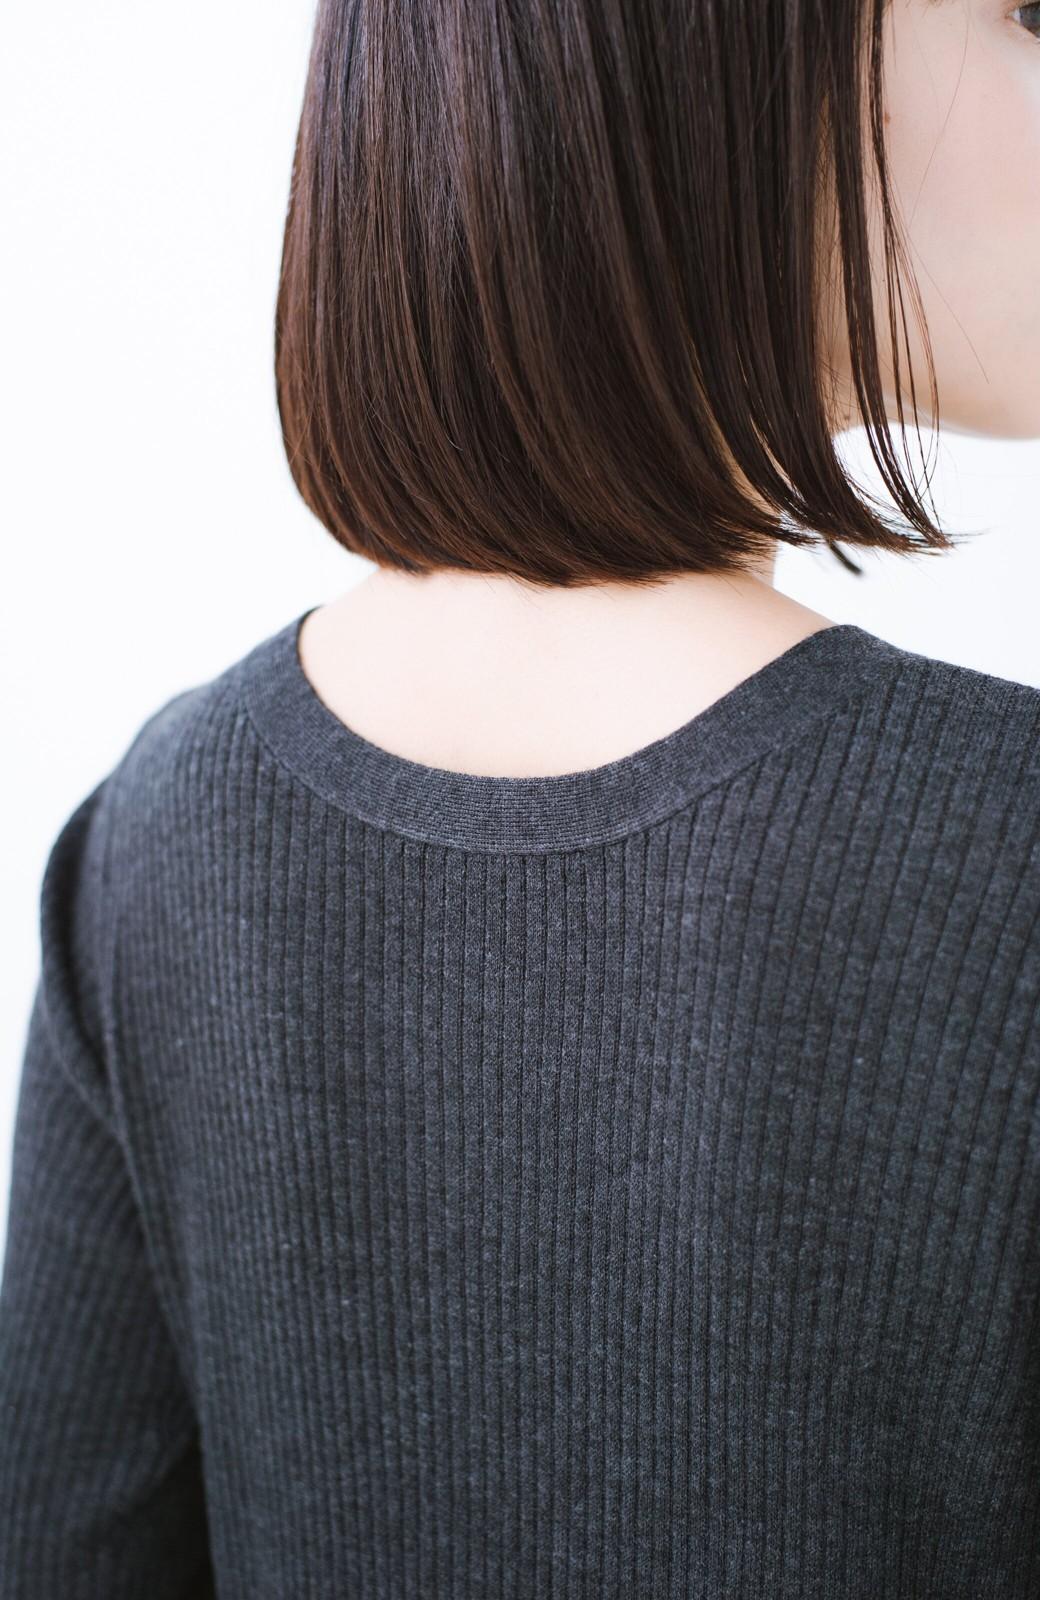 haco! 美シルエットがうれしい着方自由のオトナリブニットカーディガン by MAKORI <チャコールグレー>の商品写真4